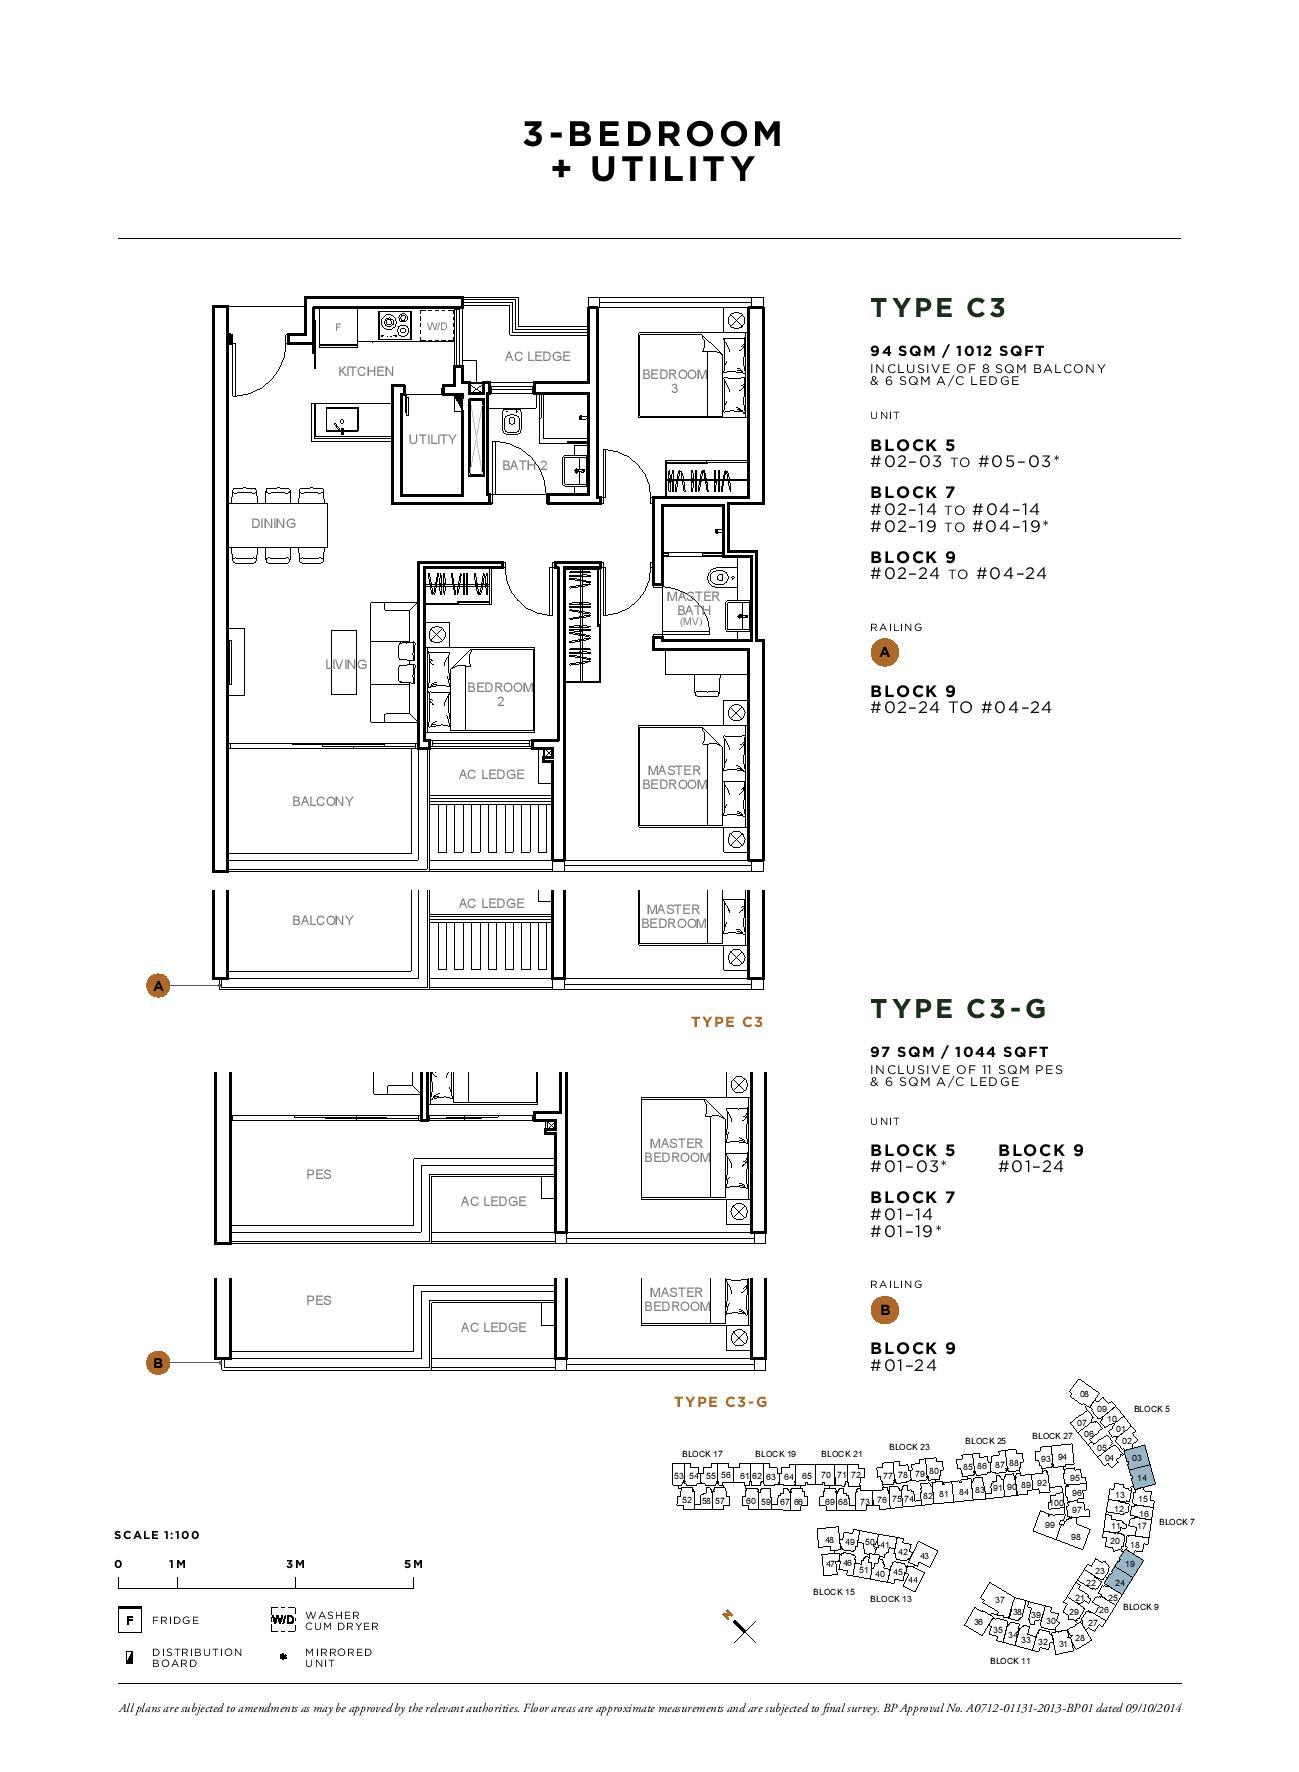 Sophia Hills 3 Bedroom + Utility Type C3 Floor Plans